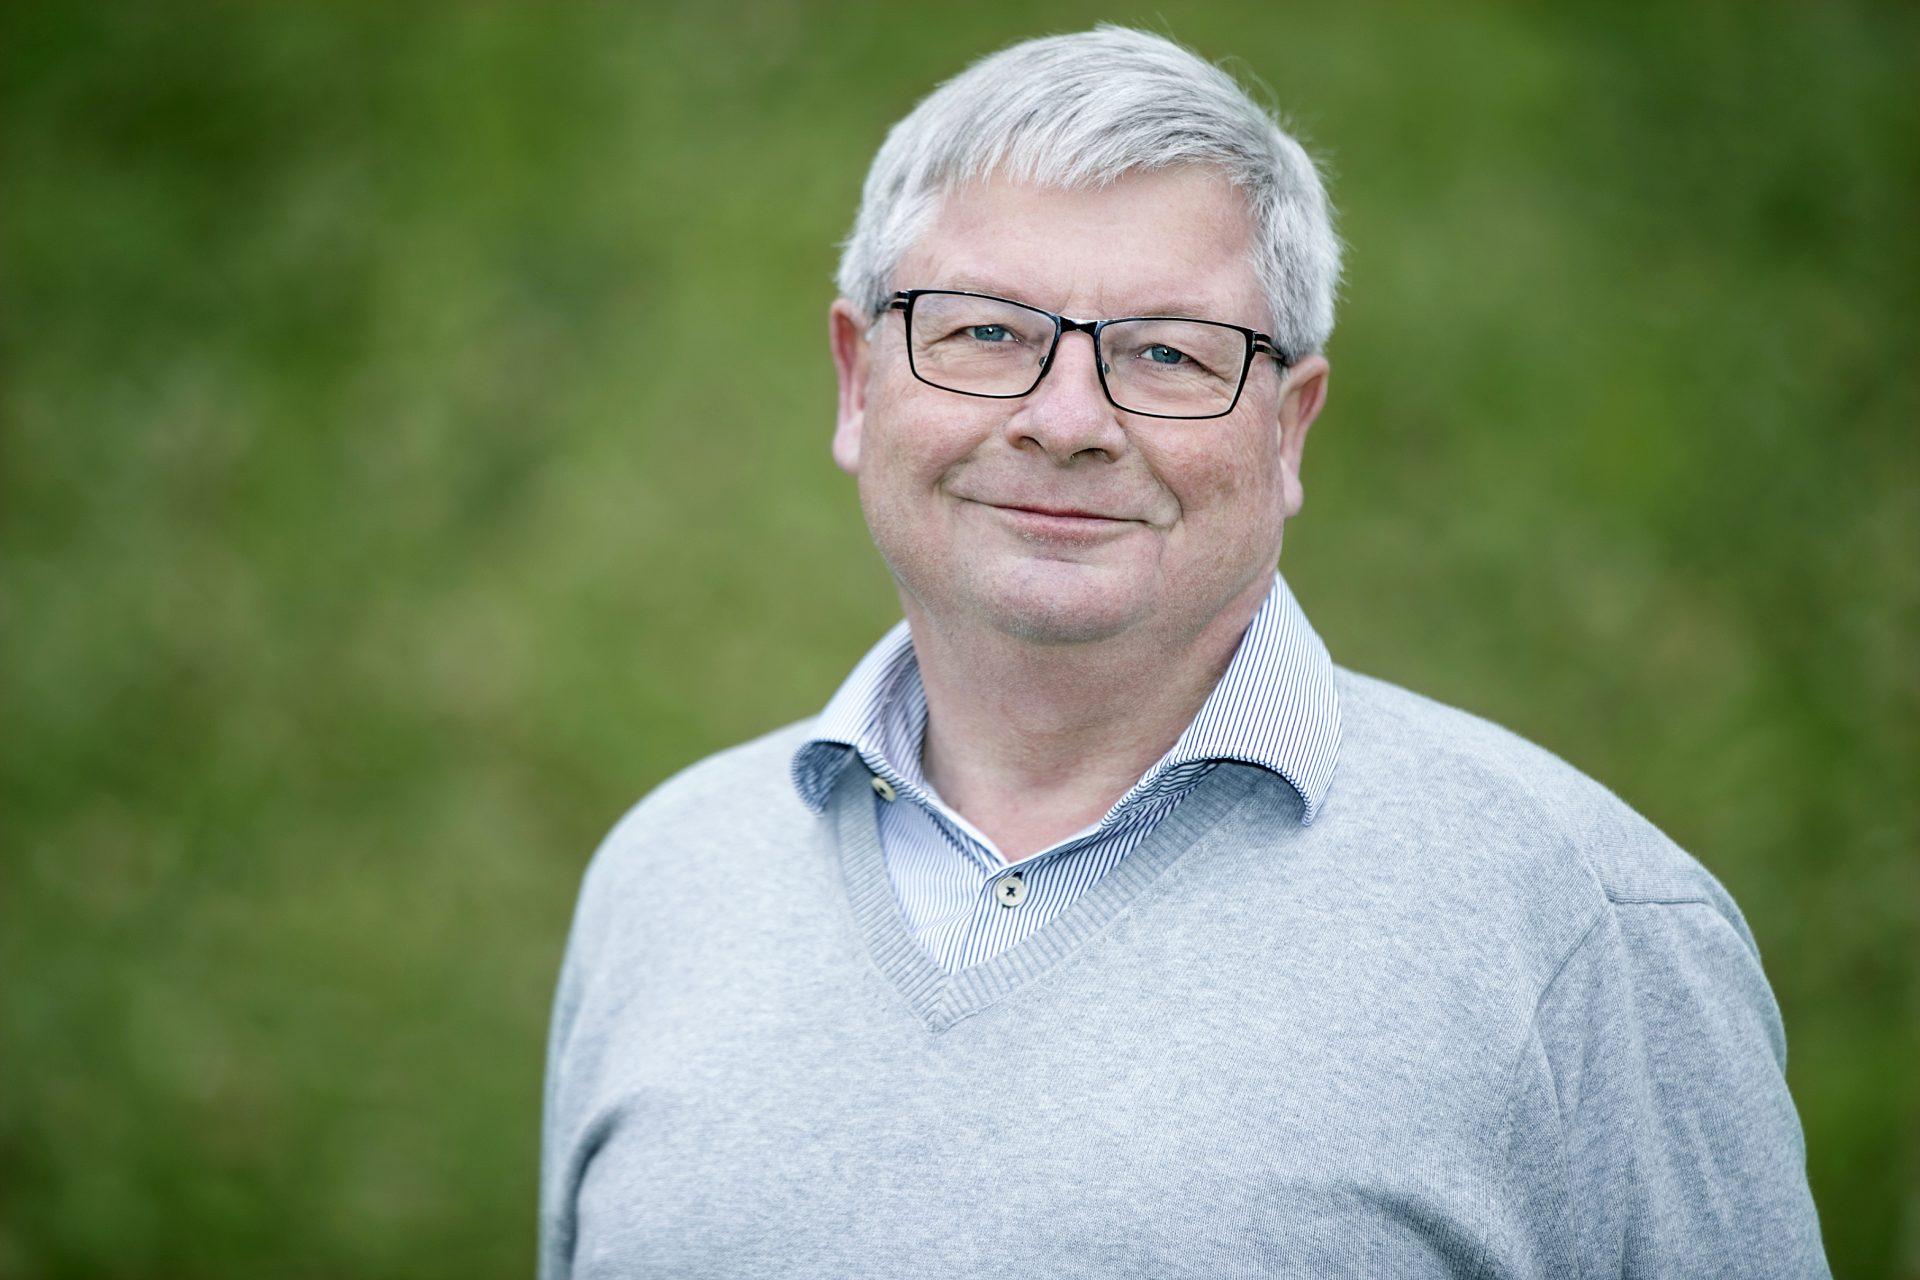 Venstre Horsens Per Svendsen